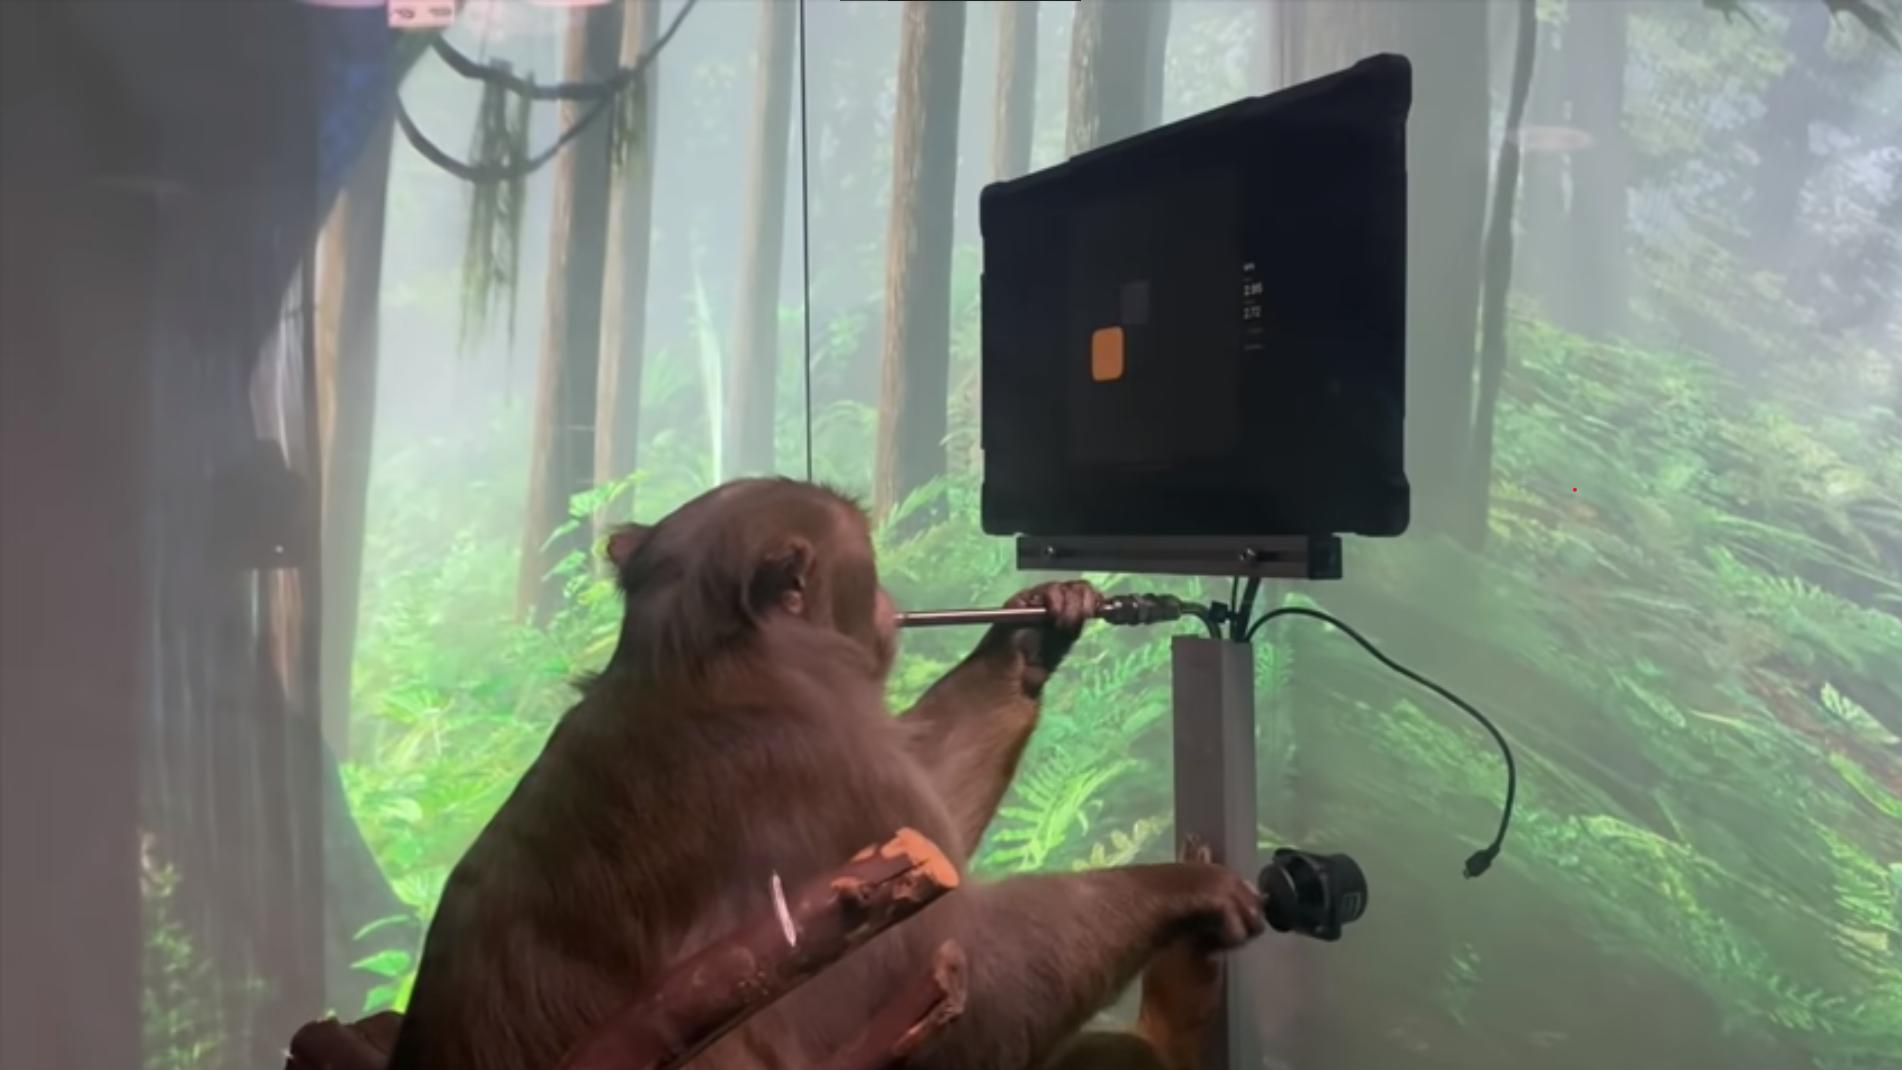 Neuralink: mono juega un videojuego con el pensamiento (video).